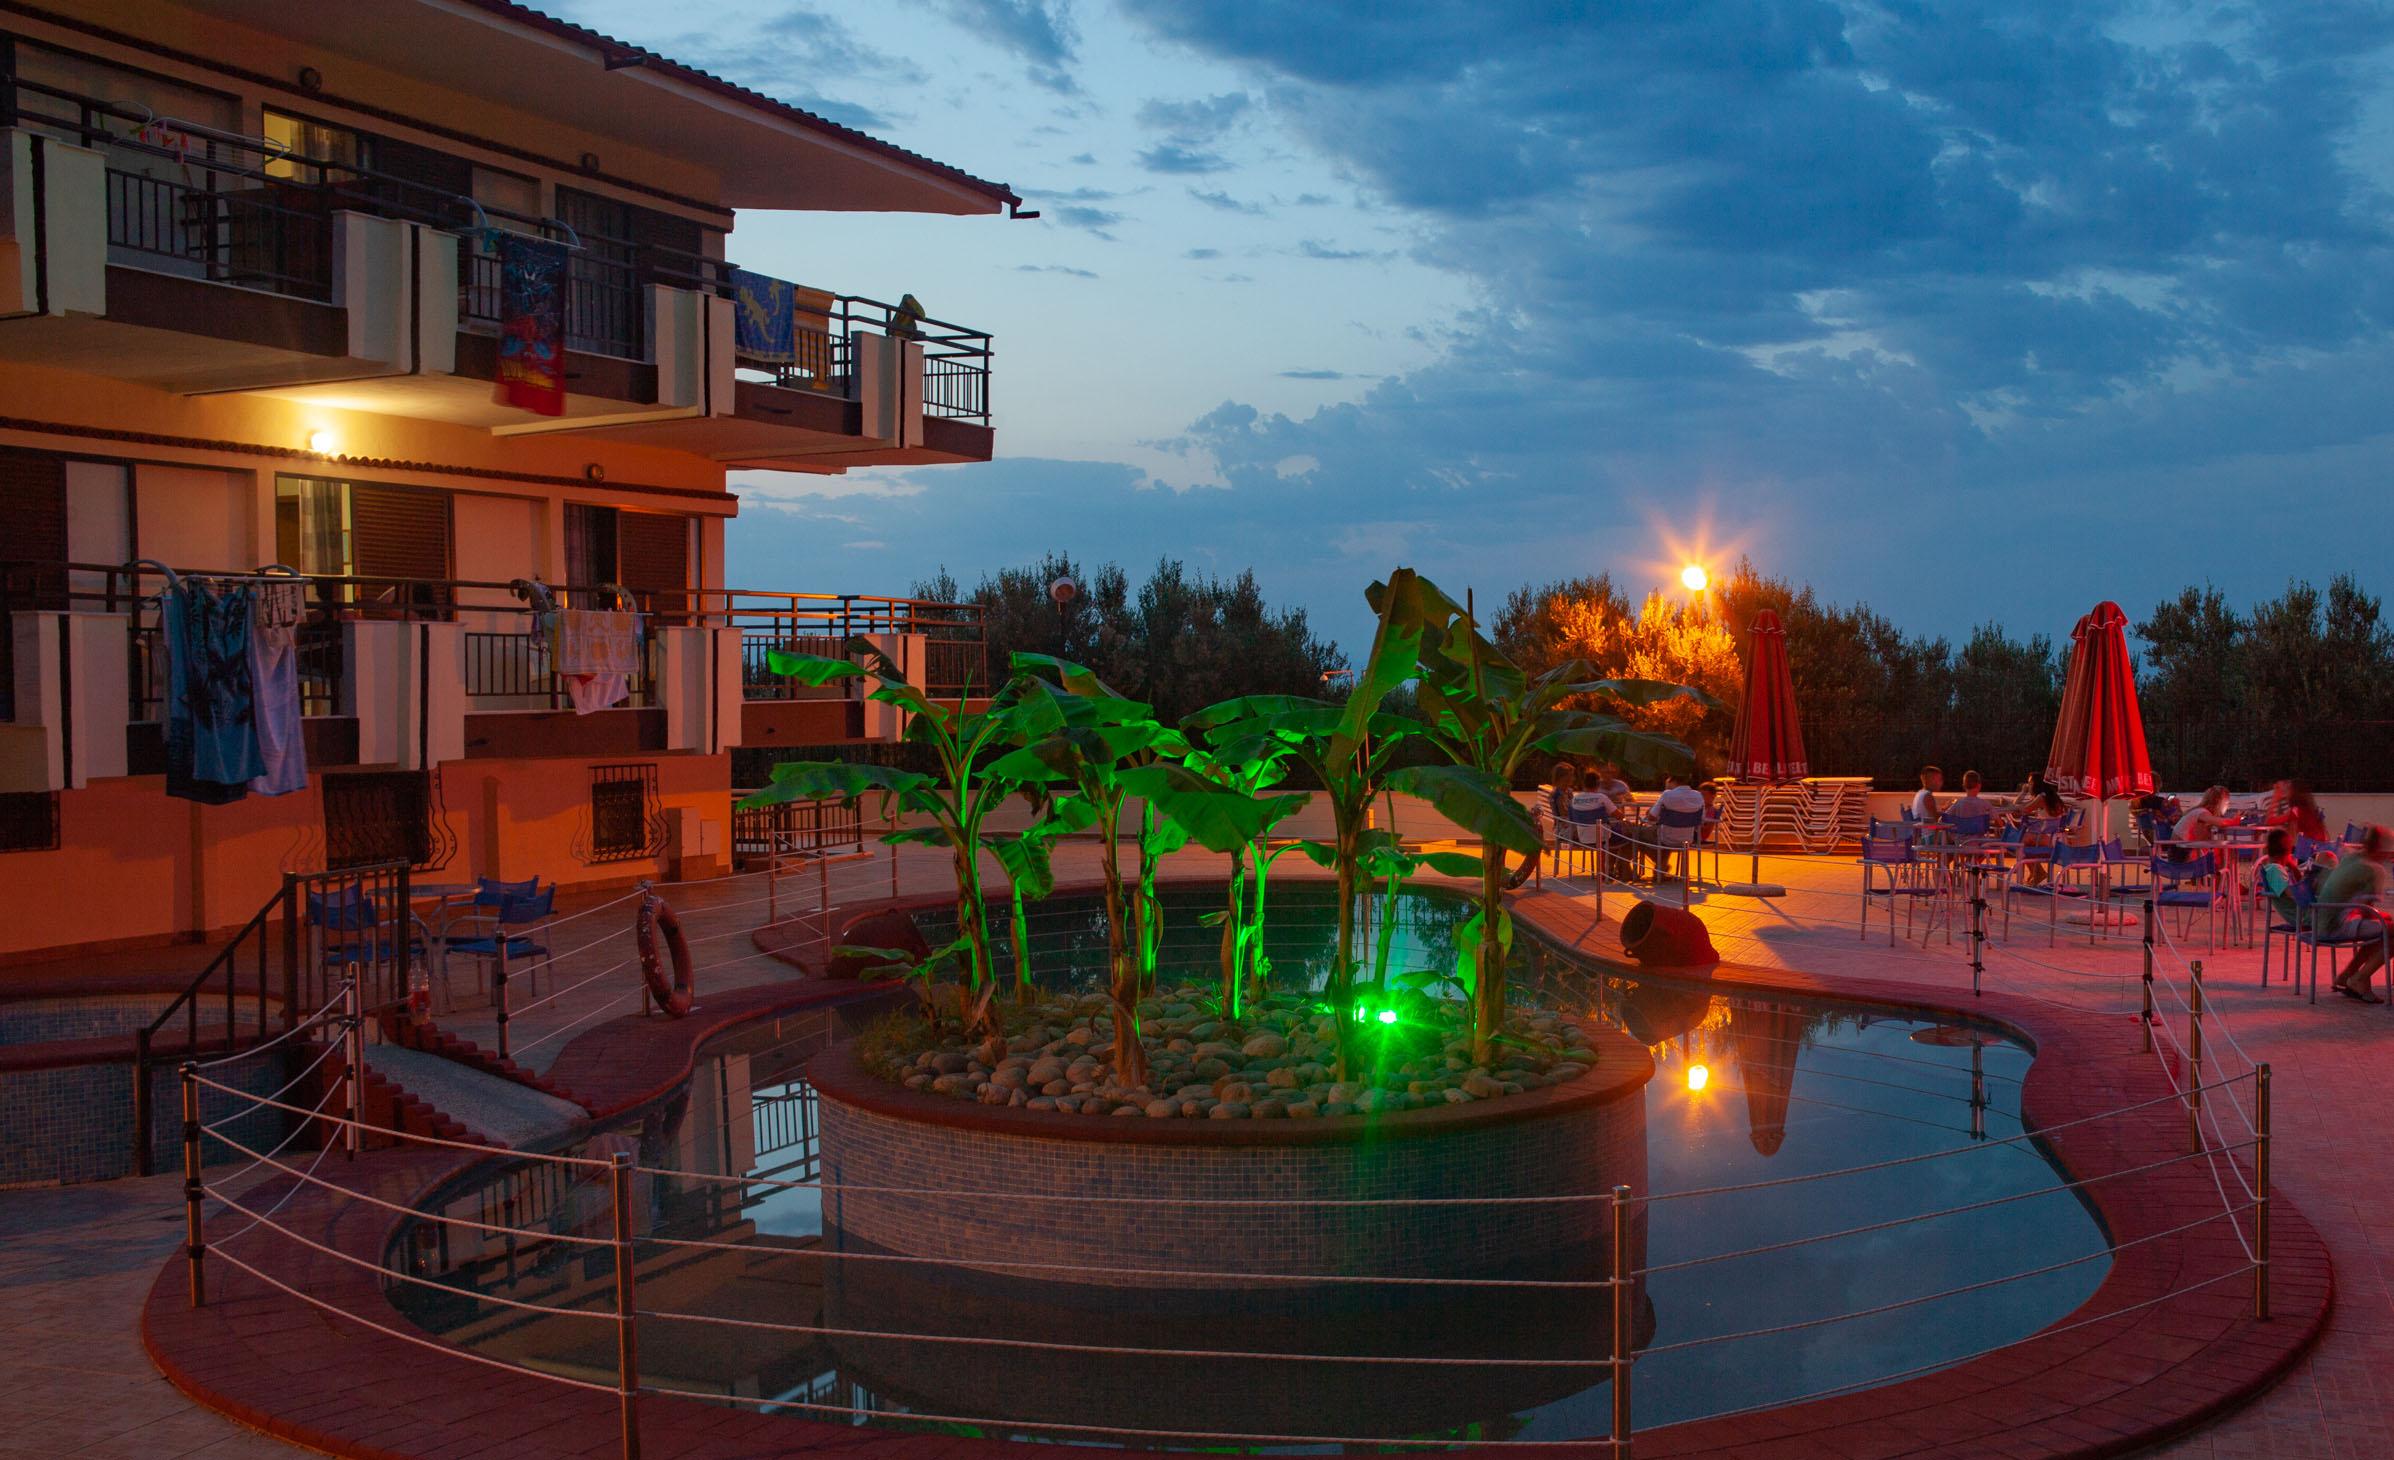 Το Villa Panorama κατά το 2017, νυχτερινή φωτογραφία